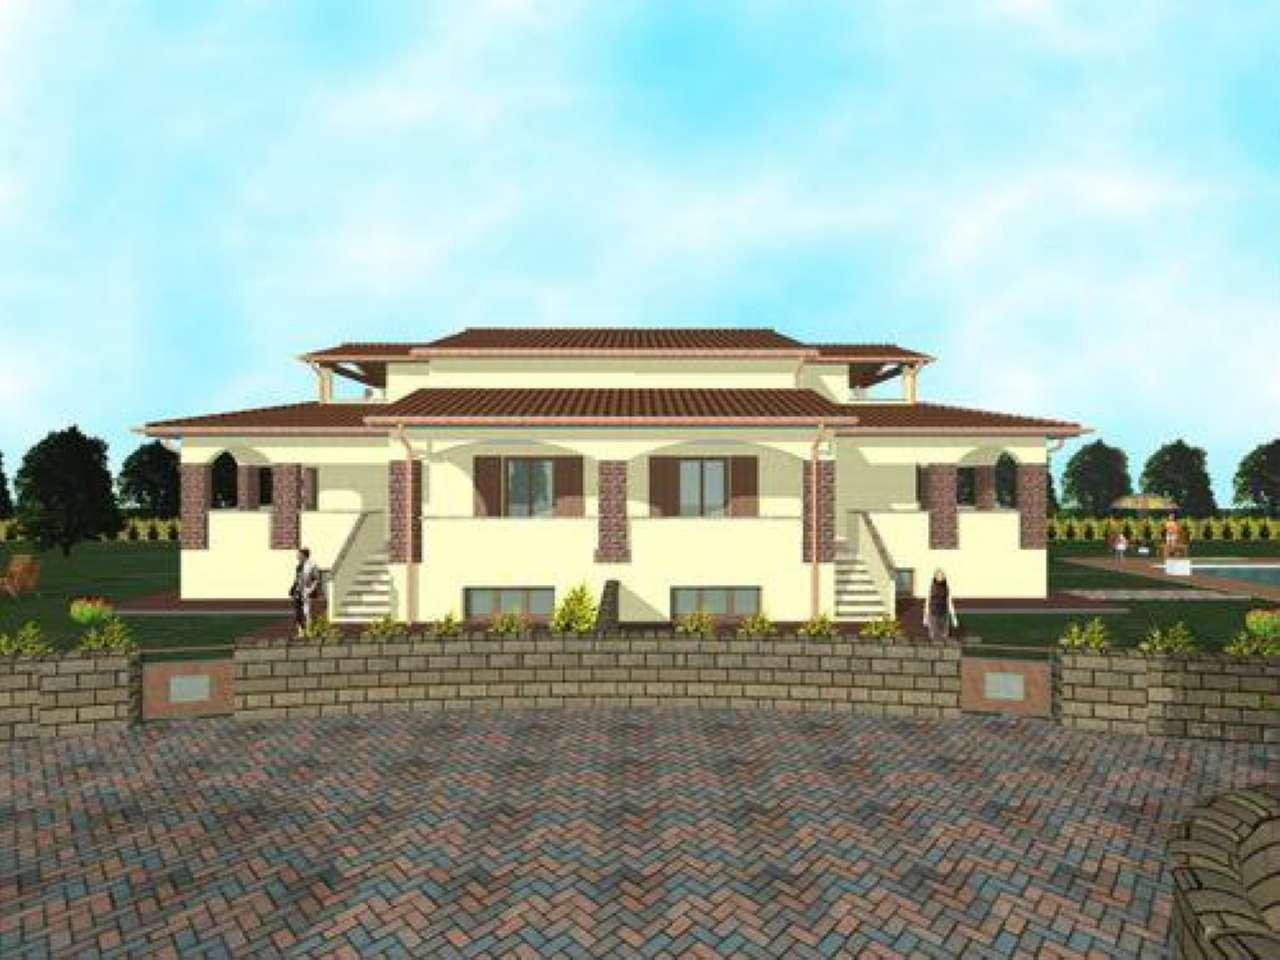 Terreno Edificabile Residenziale in vendita a San Giovanni in Persiceto, 12 locali, prezzo € 130.000 | CambioCasa.it